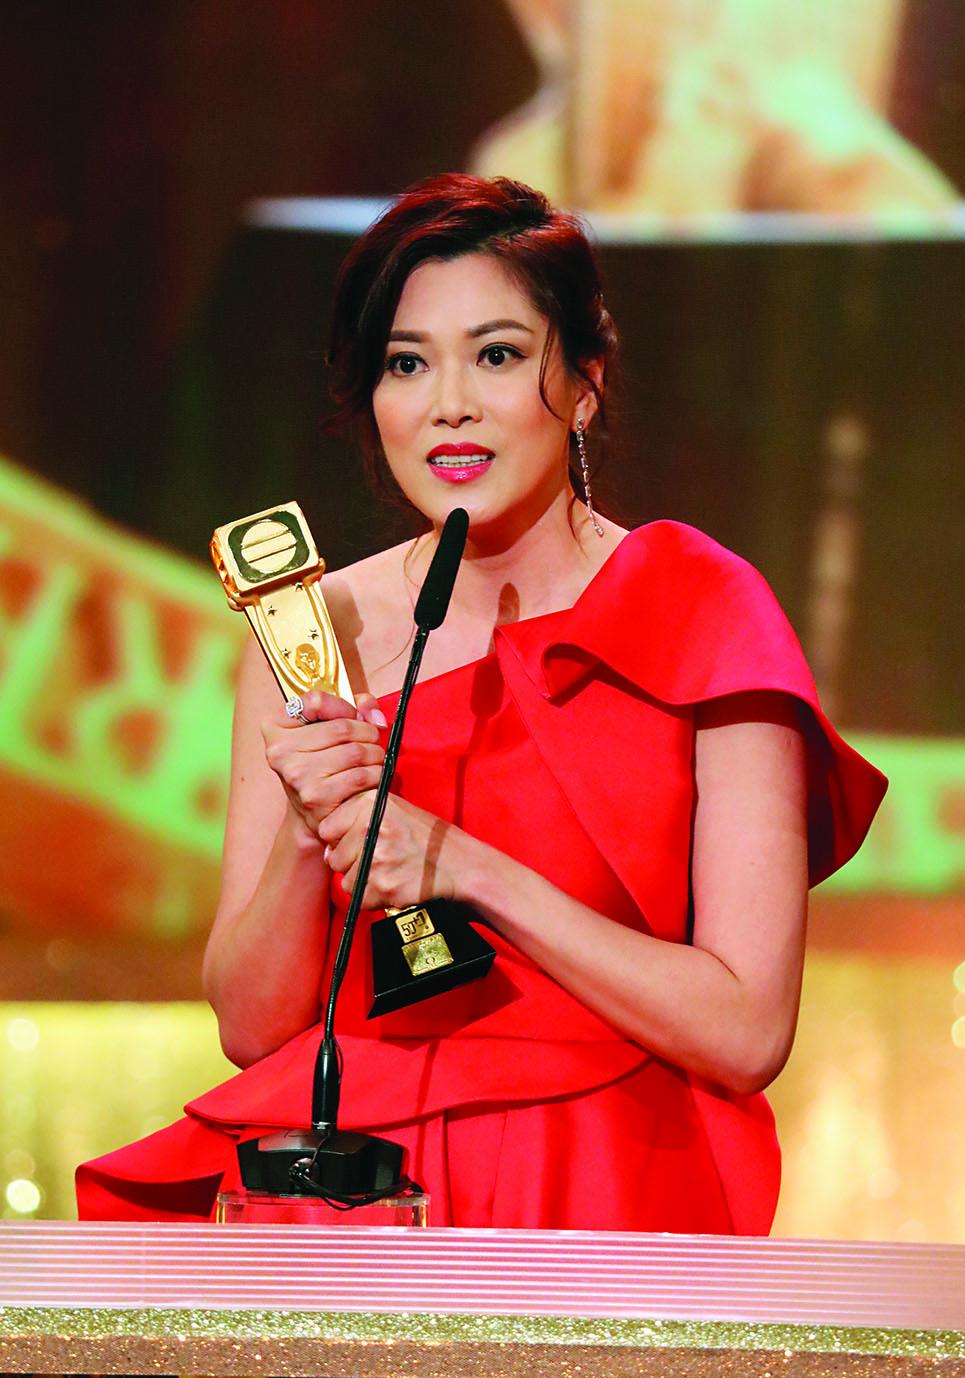 龍力蓮這個角色,讓林淑敏攀上事業高峰,奪《萬千星輝頒獎典禮2018》最佳女配角獎。